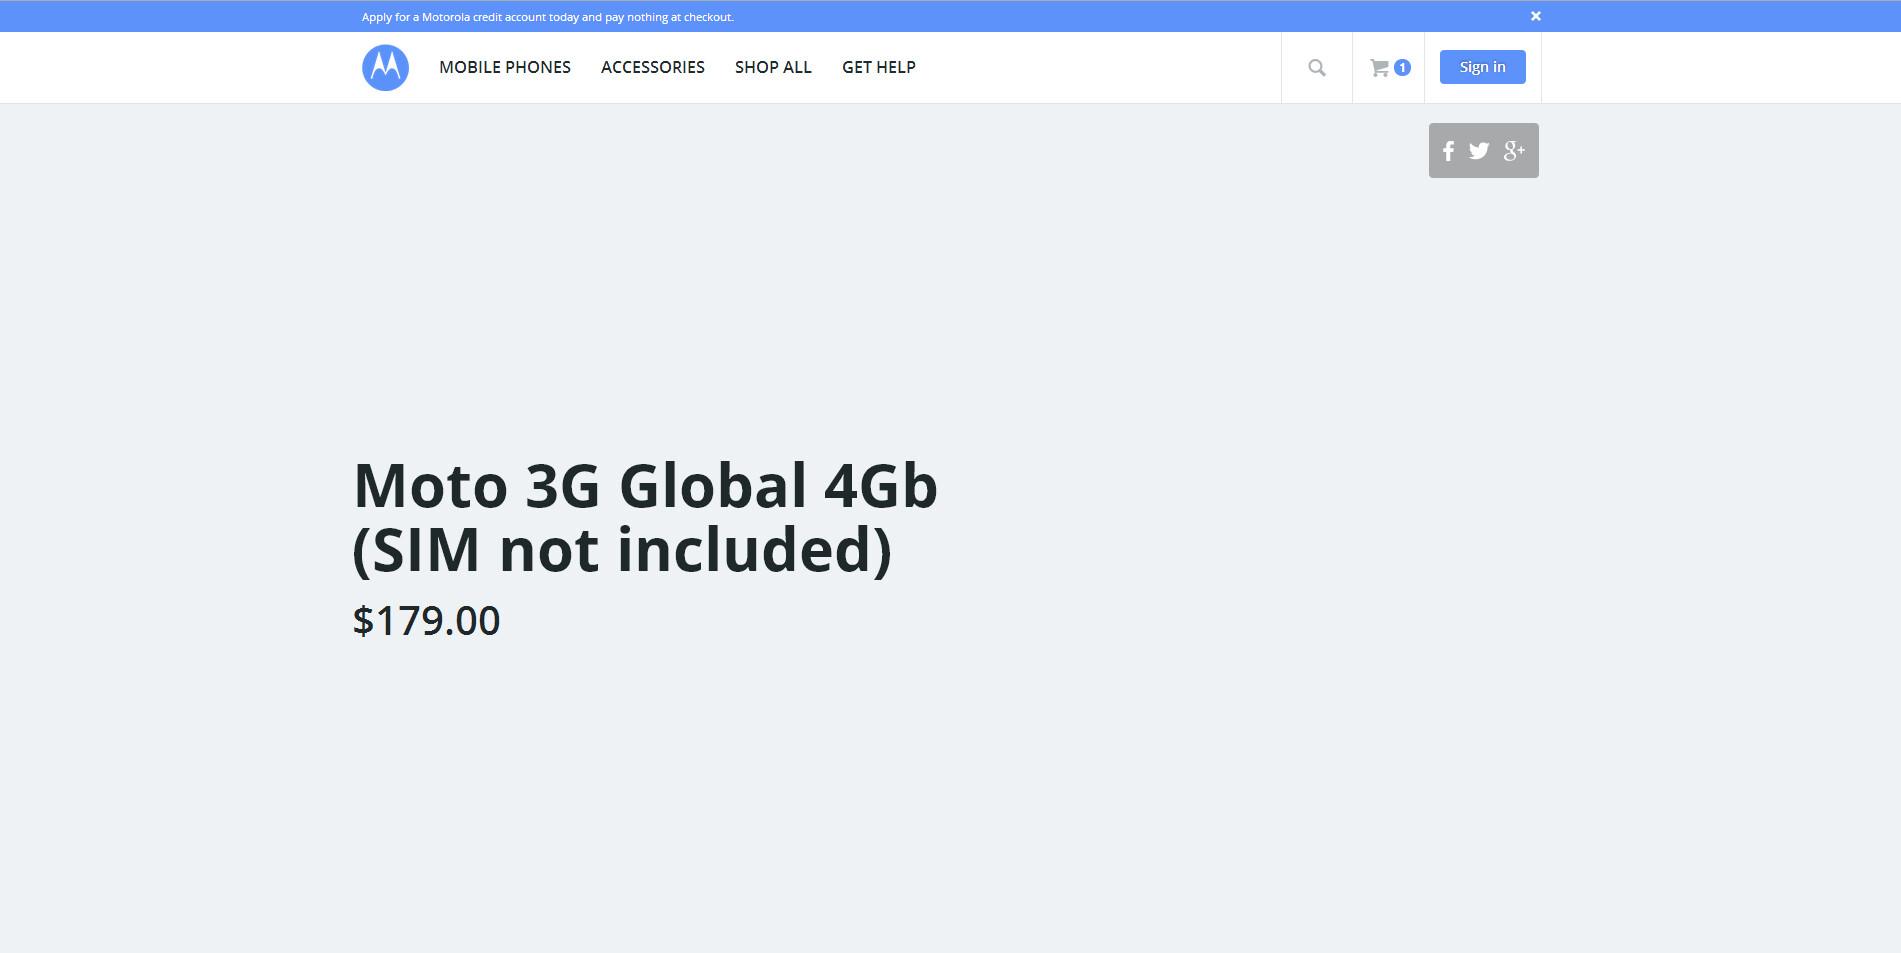 Moto 3G Global 4Gb